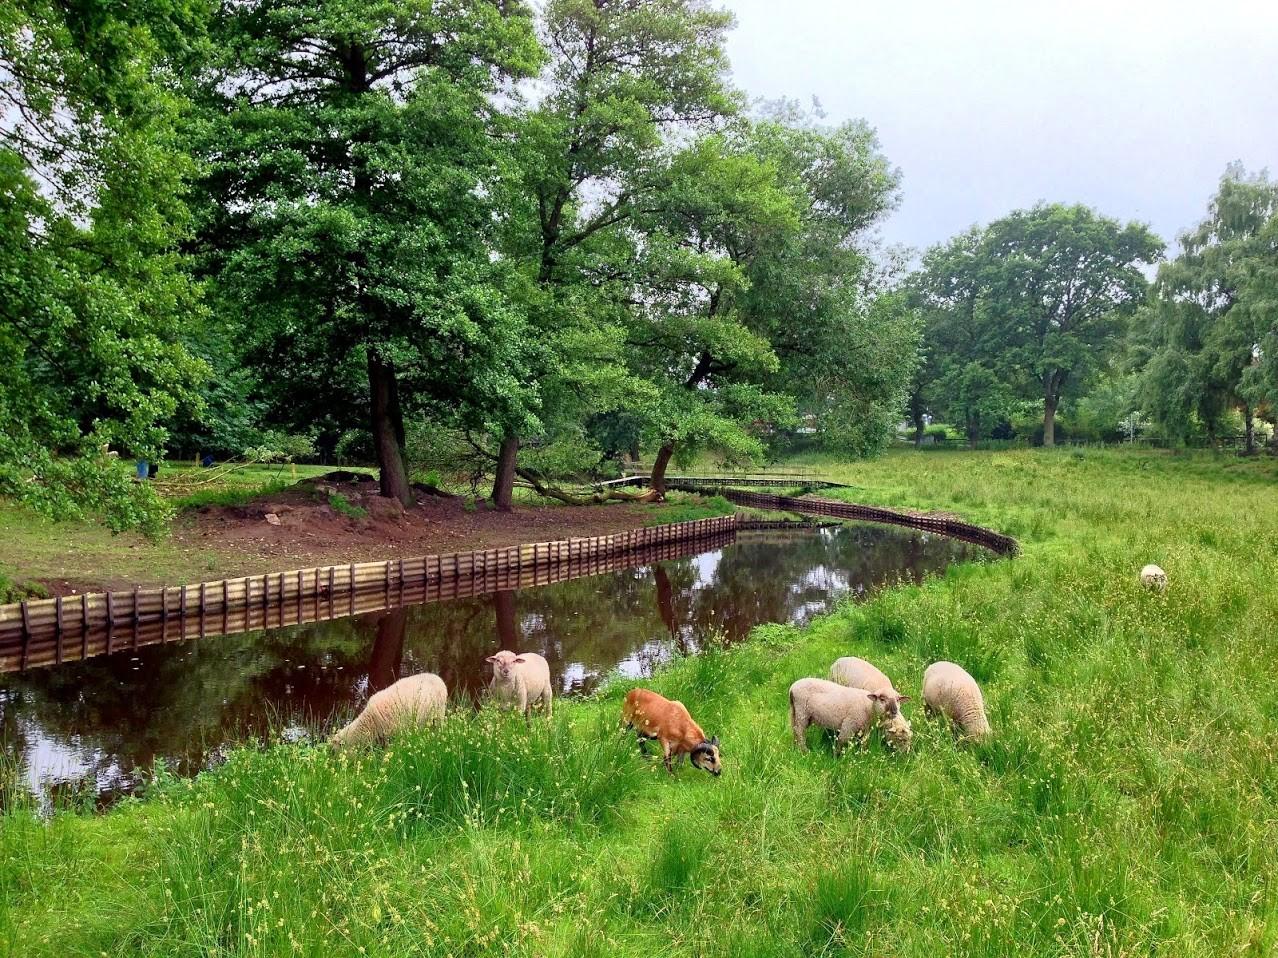 ~ Bild: Schafe in Sittensen ~